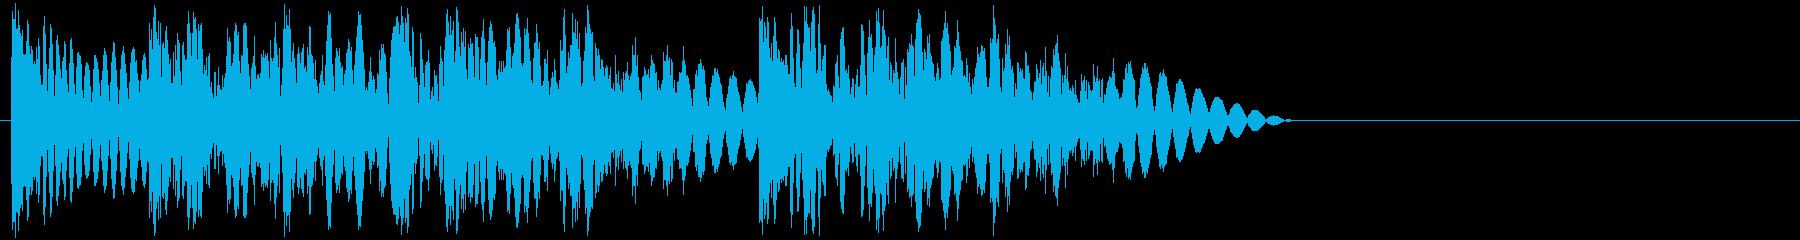 ドドッドン(攻撃・打撃・3連続パンチ)の再生済みの波形